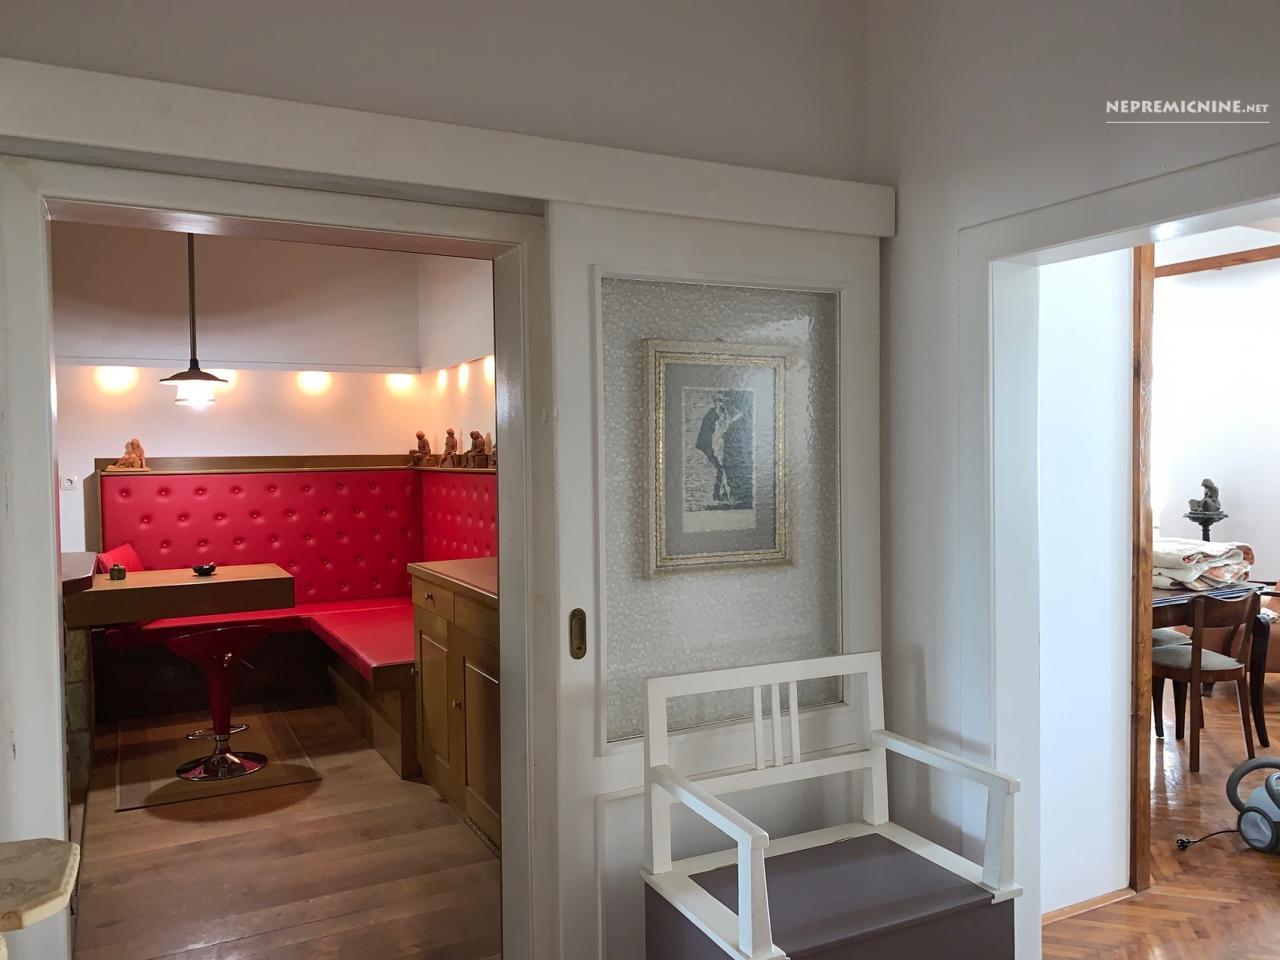 Prodaja, stanovanje - KRŠKO 1